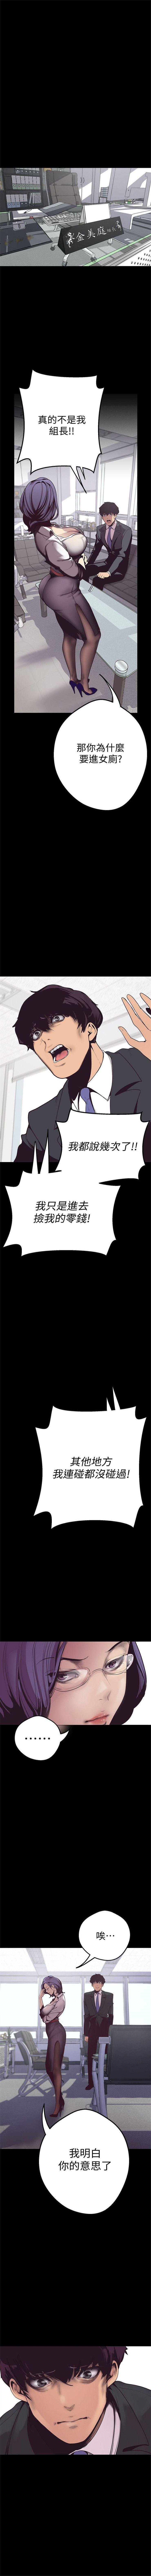 (週1)美麗新世界 1-70 中文翻譯 (更新中) 11